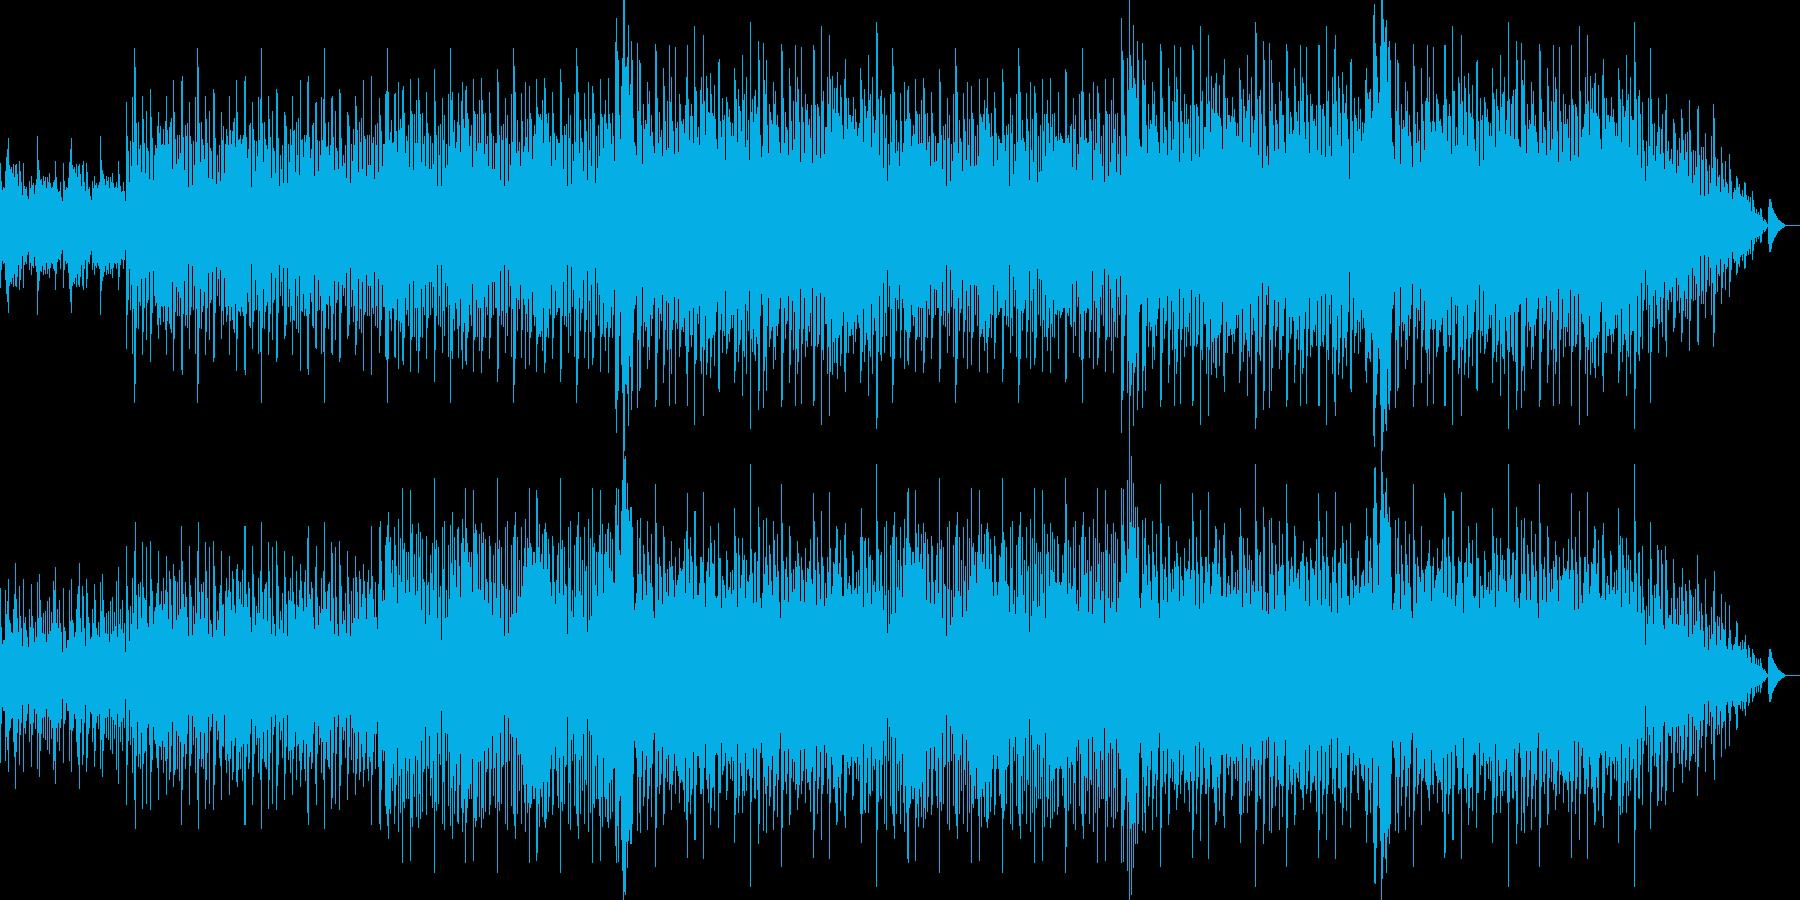 カッコいい感じのクラブミュージックの再生済みの波形